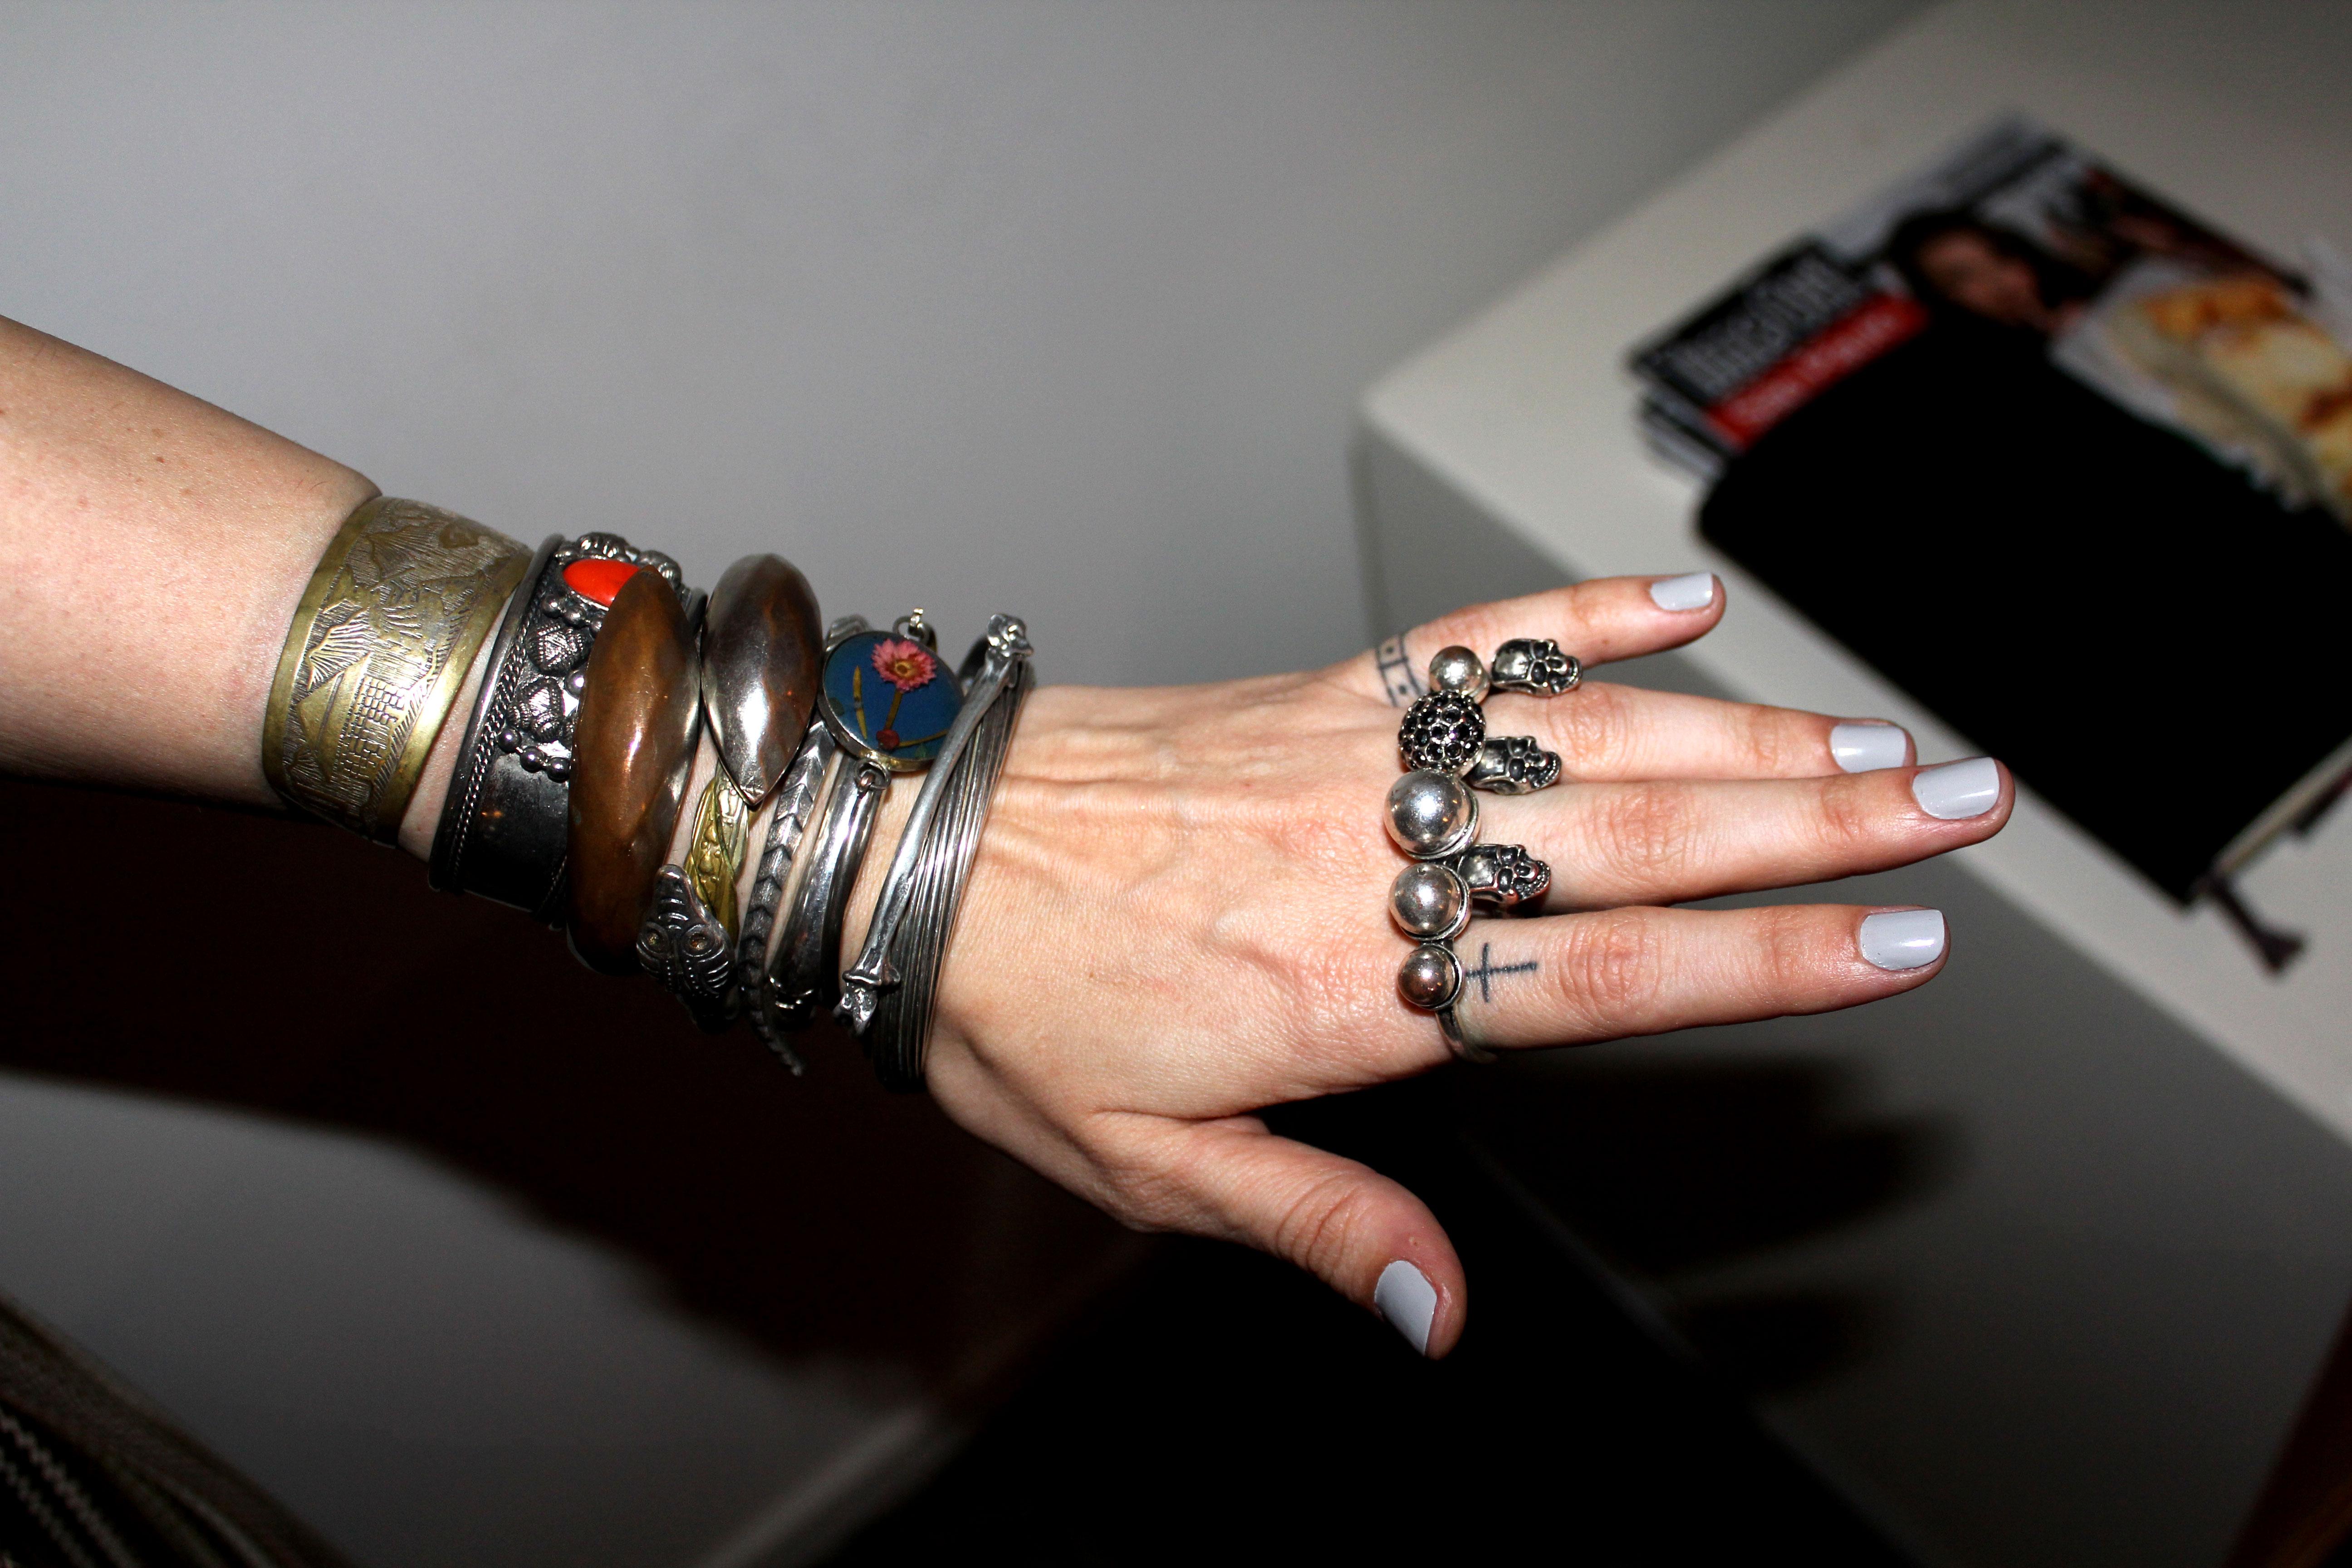 Paula Reboredo fez um remix de pulseiras e aneis vintage (ela é dona do B.Luxo, então sabe garimpar)